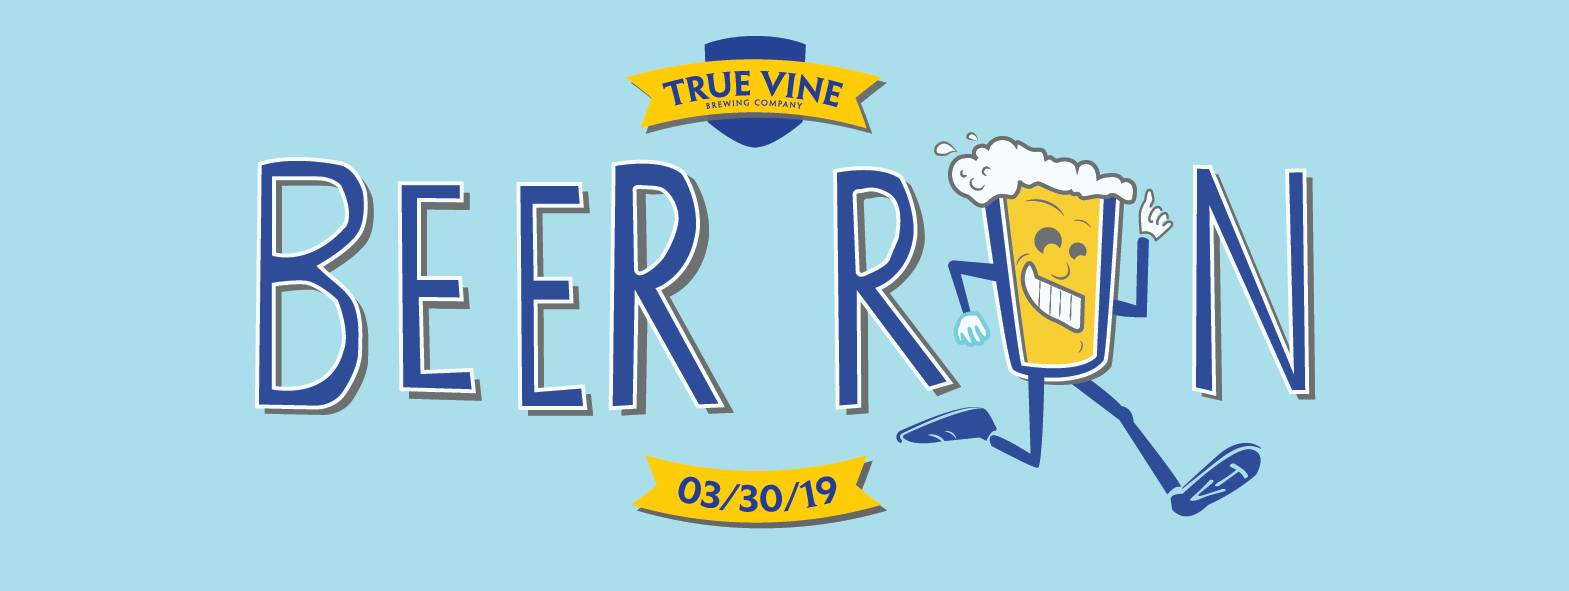 True Vine Beer Run 2019 Tyler TX